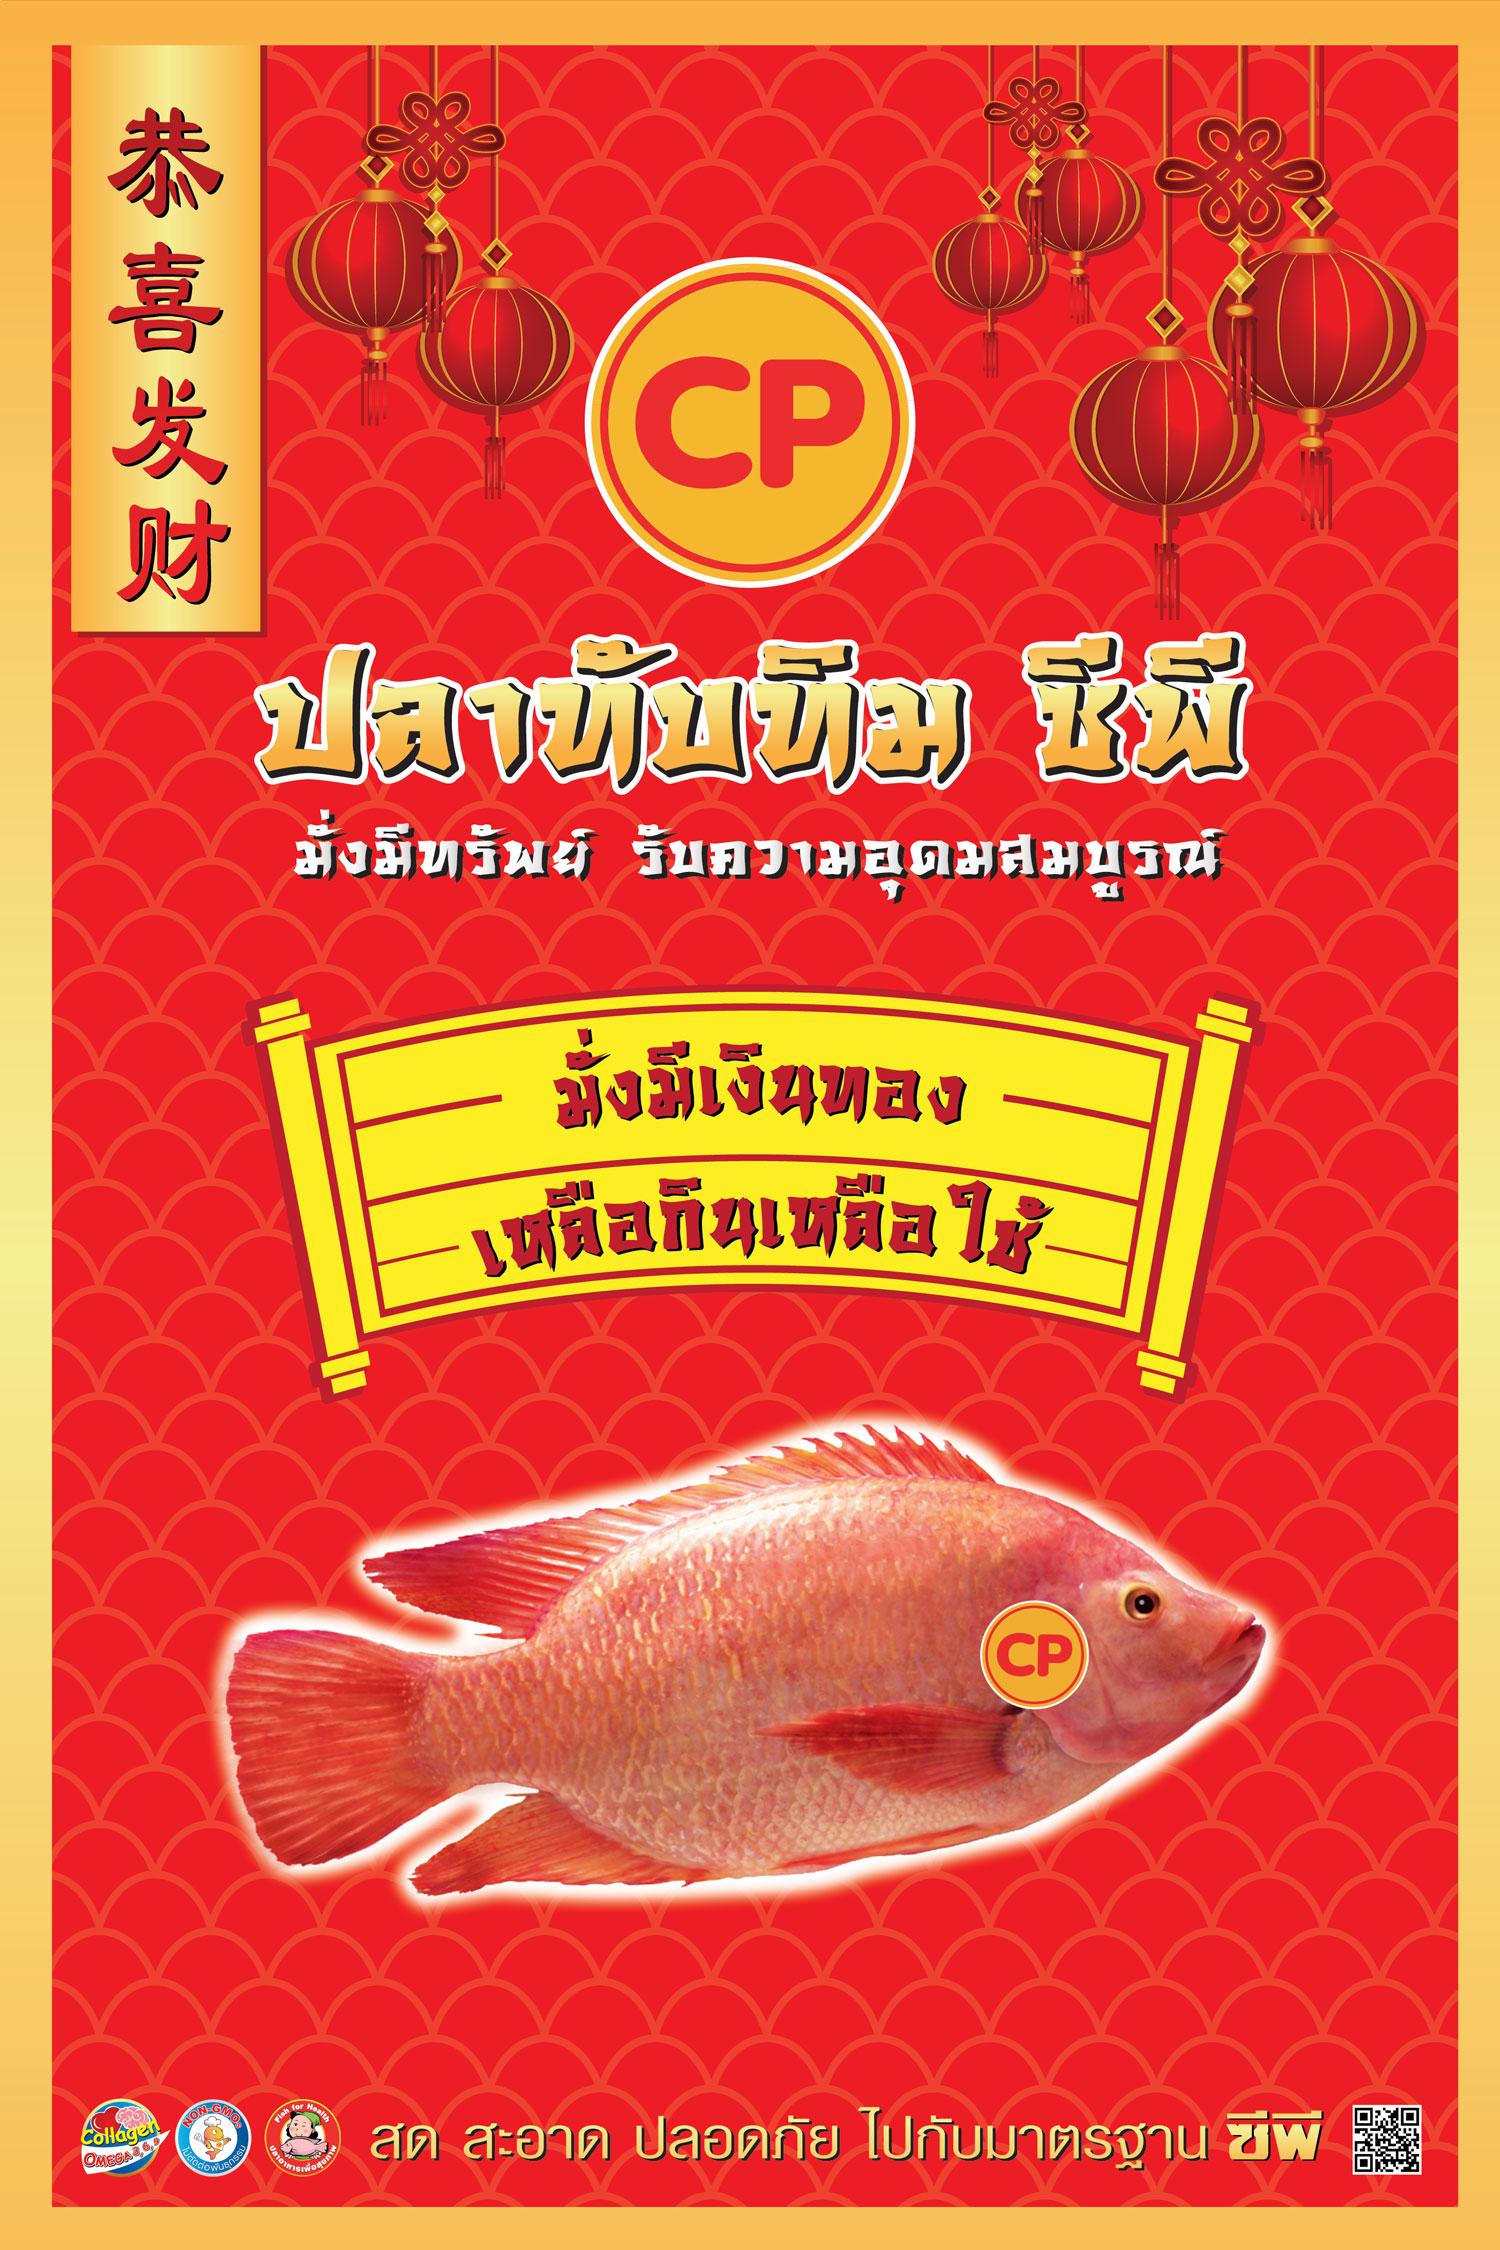 เลือก ปลาทับทิม ซีพี สำหรับเทศกาลตรุษจีนนี้ สำนักพิมพ์แม่บ้าน